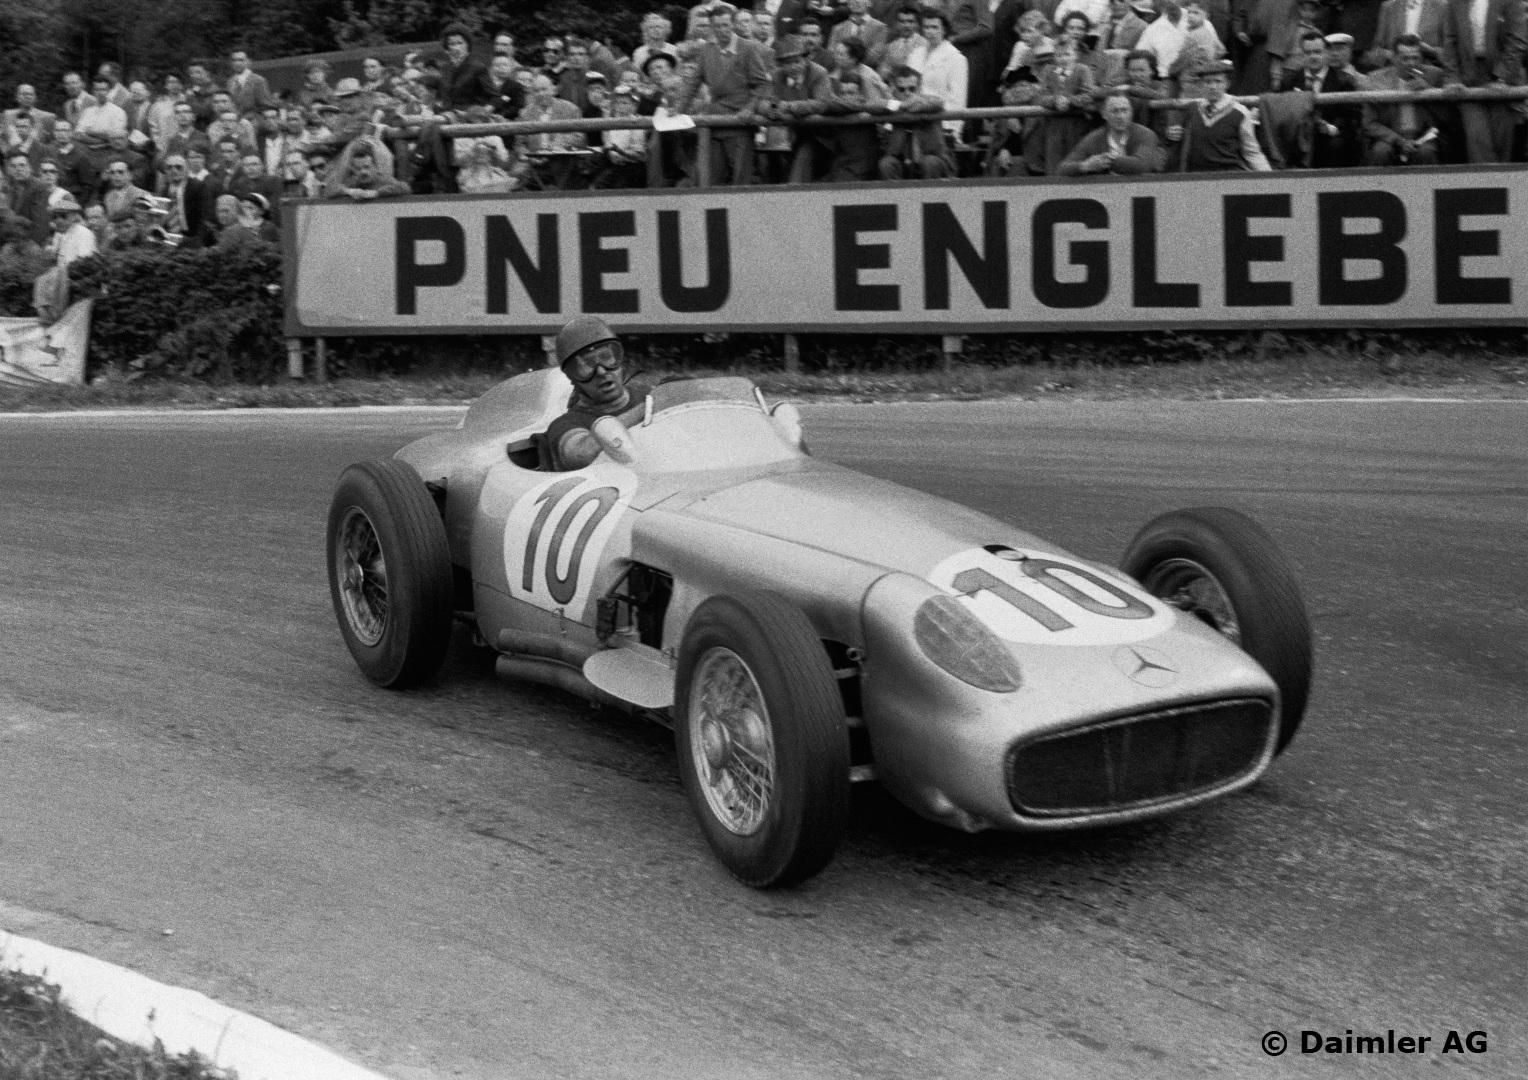 Fangio var mesterlig på de farligste banene, som her på vei inn til seier på beryktede Spa i 1955. Foto: Daimler AG